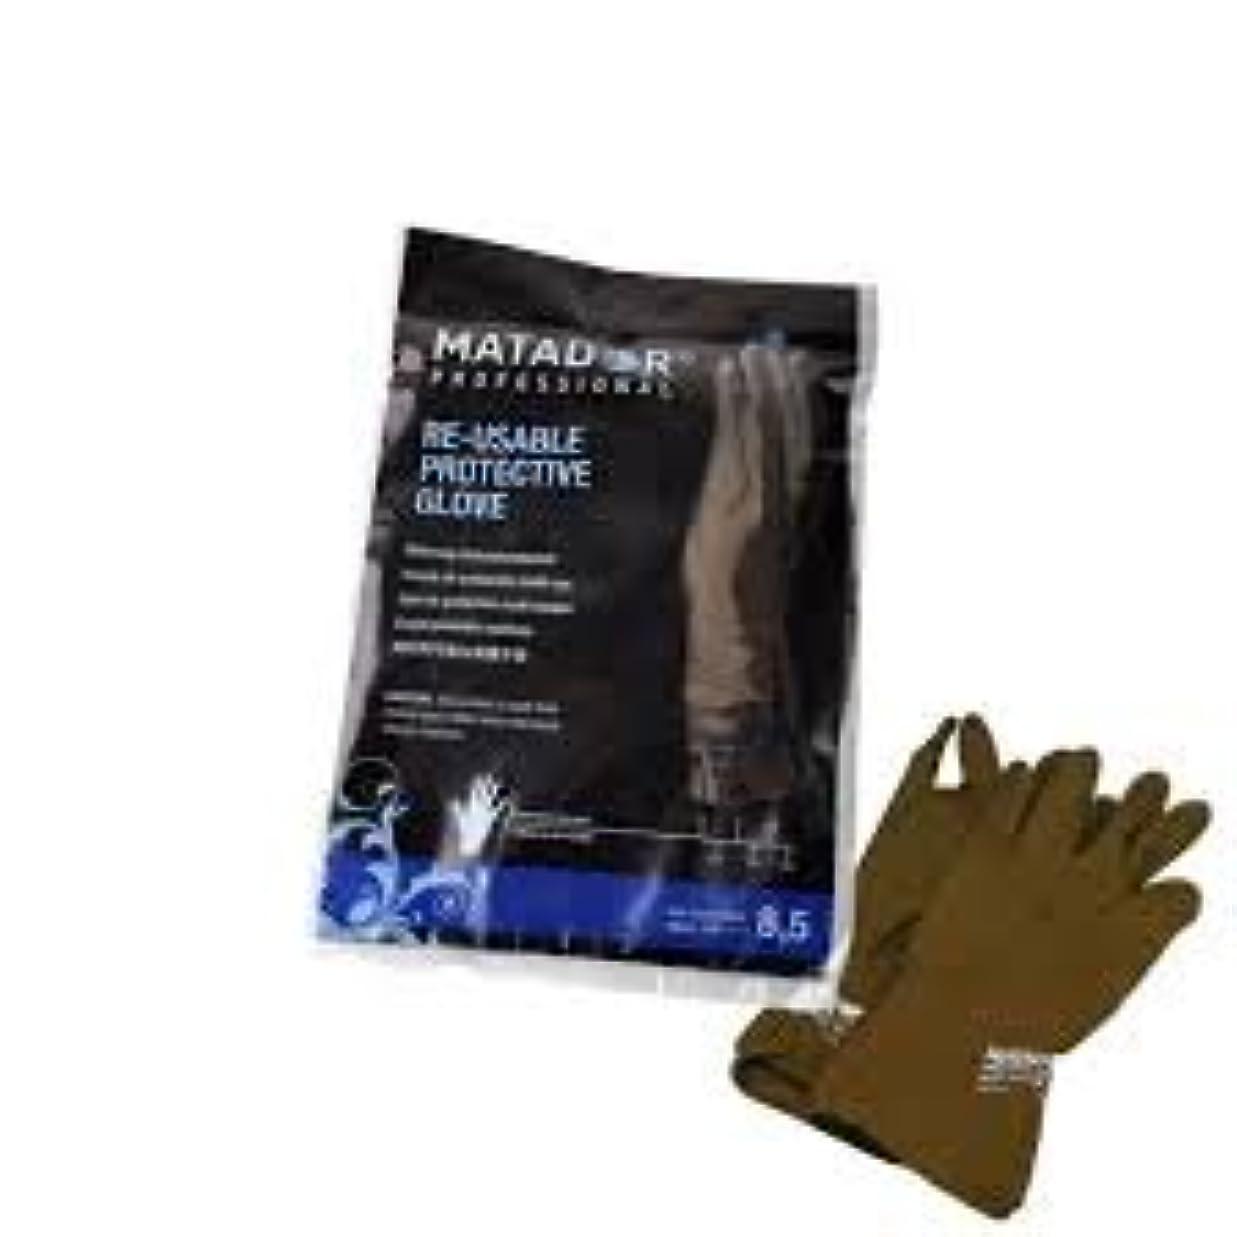 ウナギ闇ネズミマタドールゴム手袋 8.5吋 【5個セット】